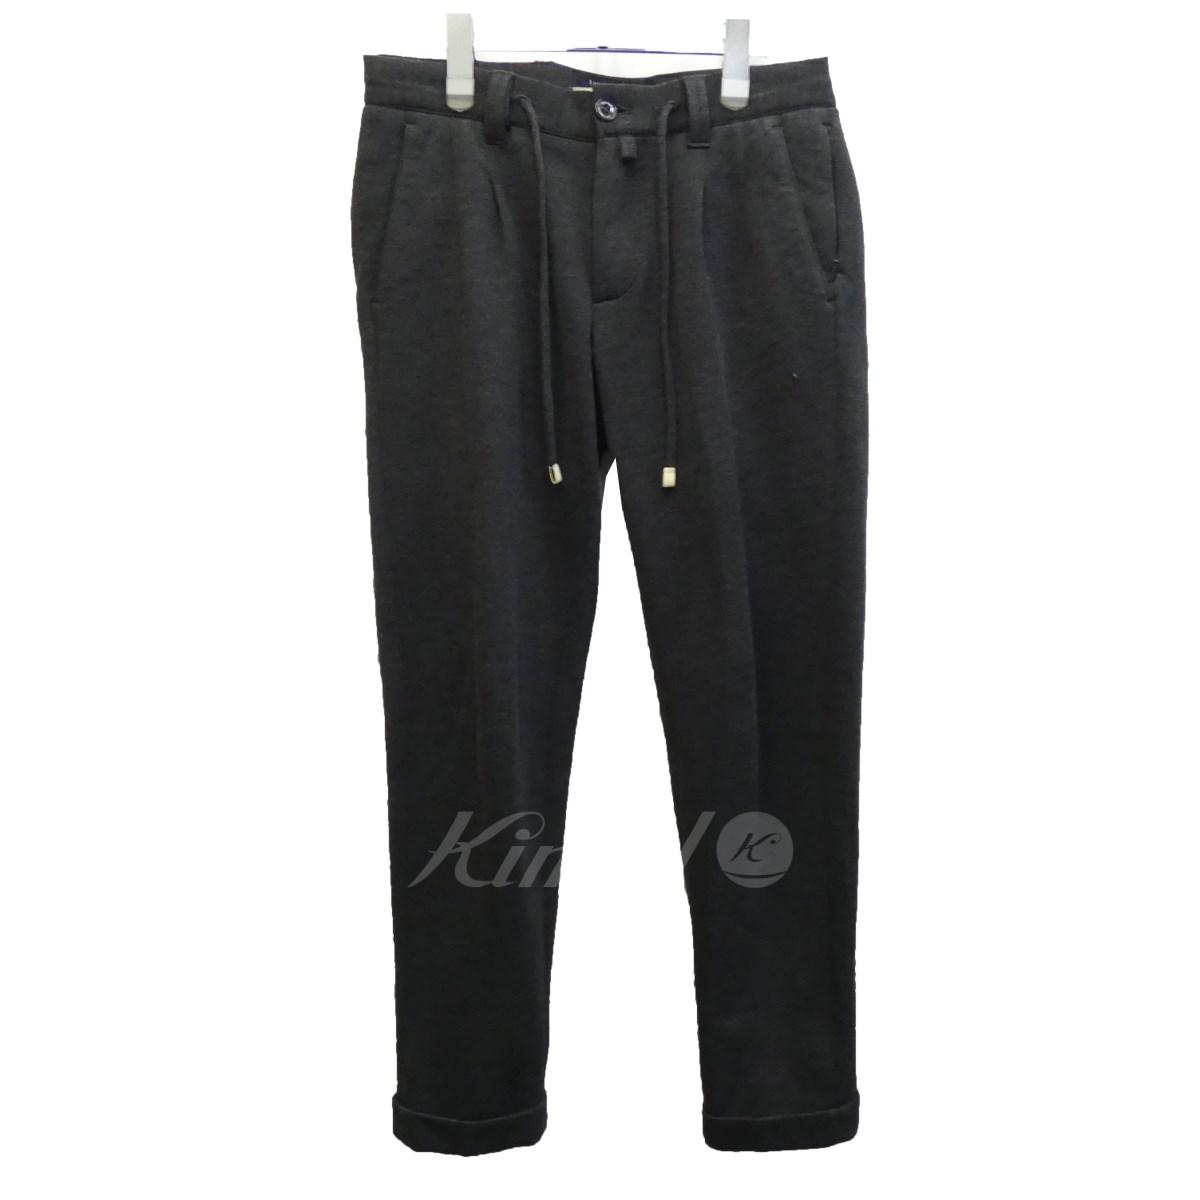 【中古】1piu1uguale3 ×Giad's「easy Italian trousera」スウェットジョガーパンツ グレー サイズ:3 【送料無料】 【011118】(ウノピゥウノ)